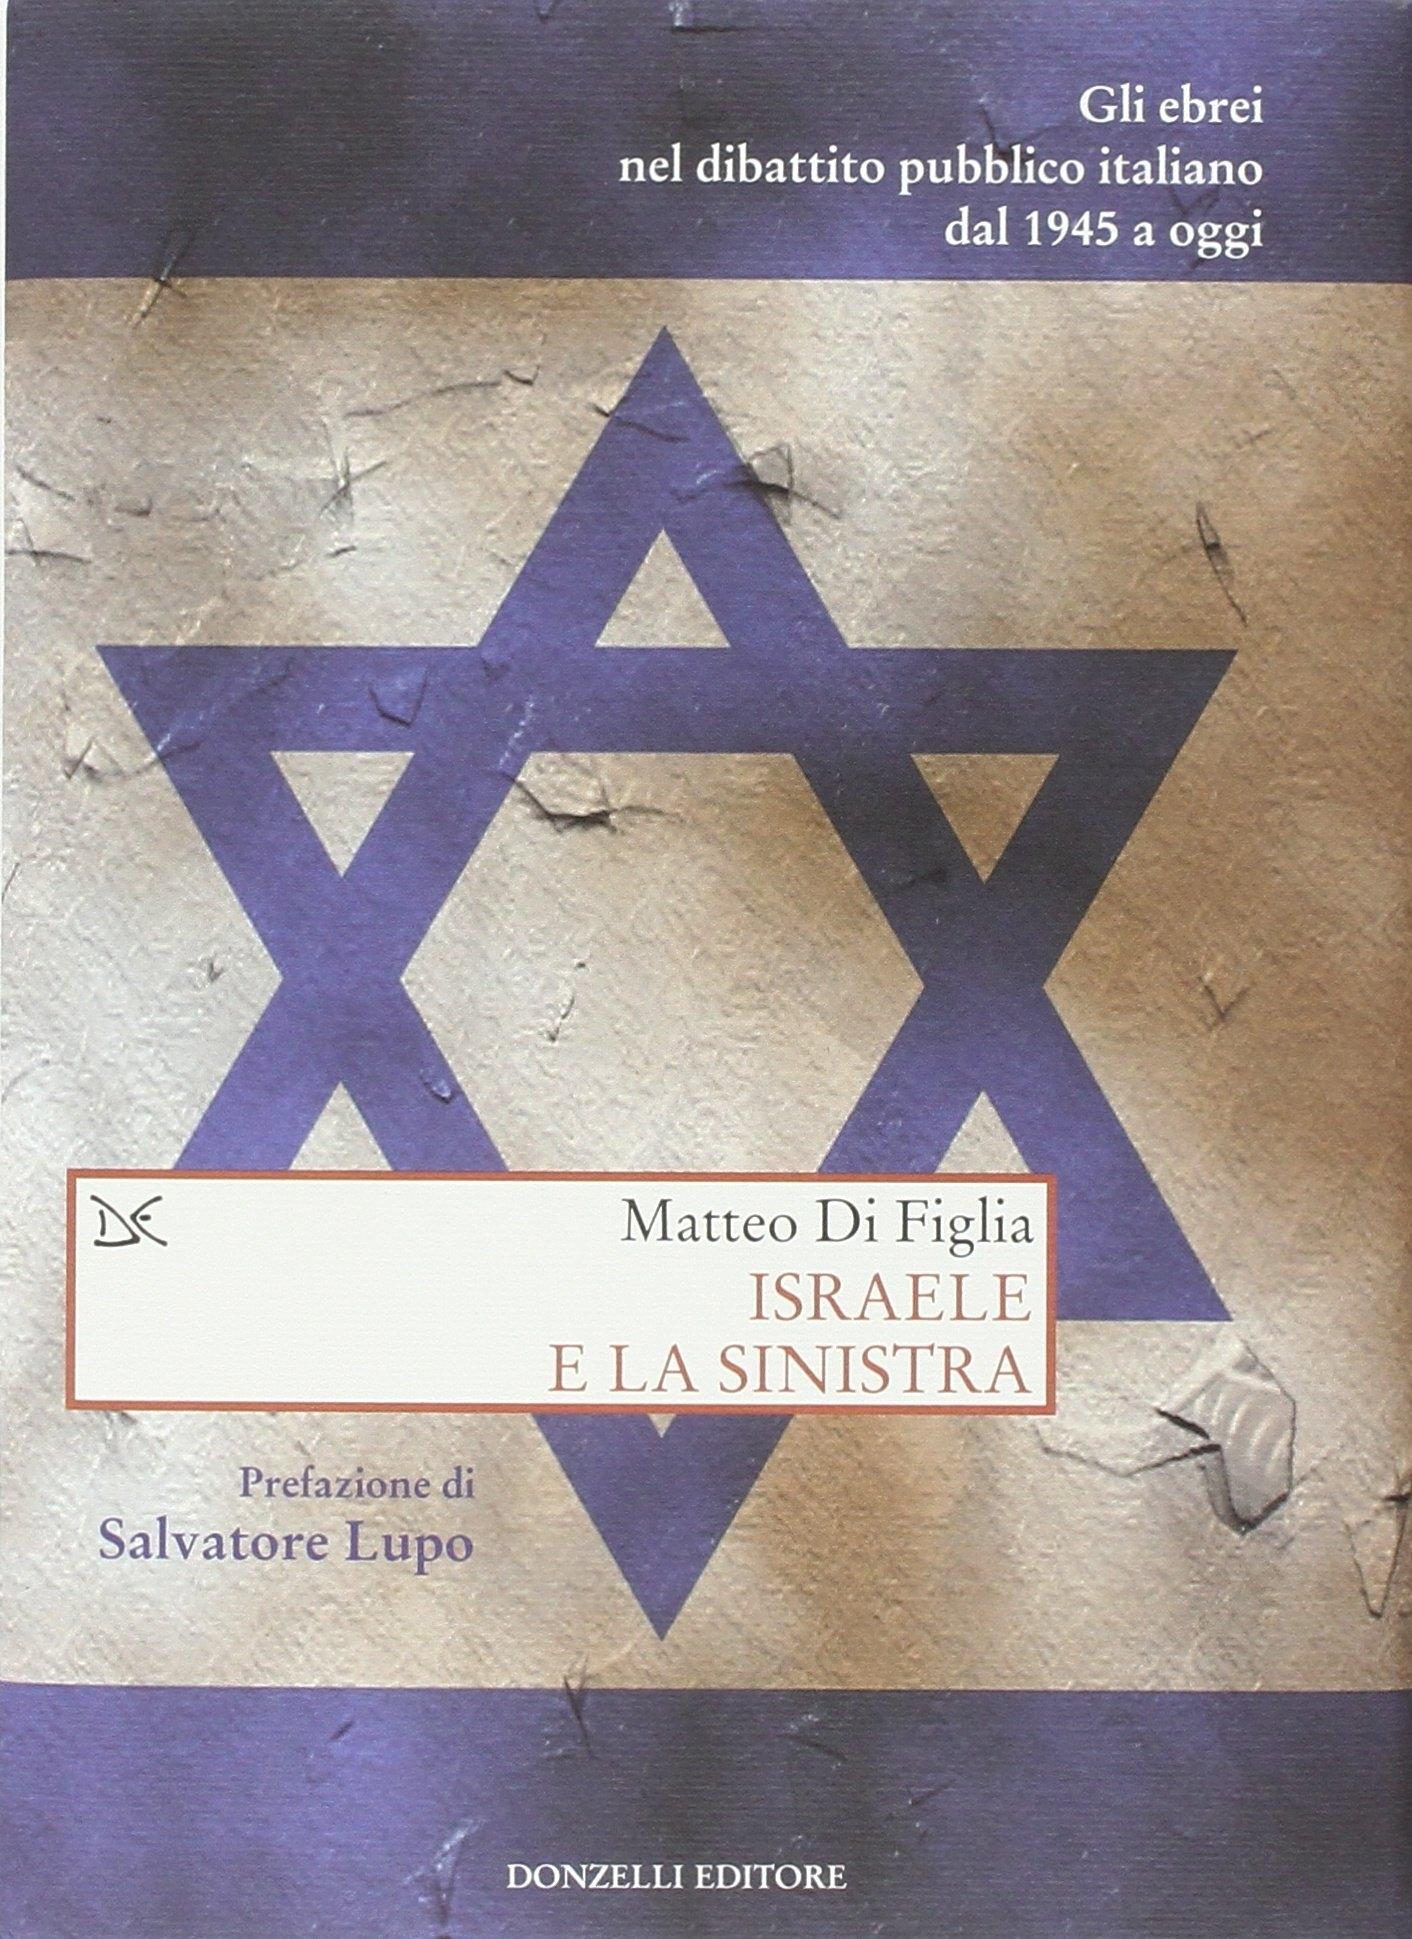 Israele e la sinistra. Gli ebrei nel dibattito pubblico italiano dal 1945 a oggi